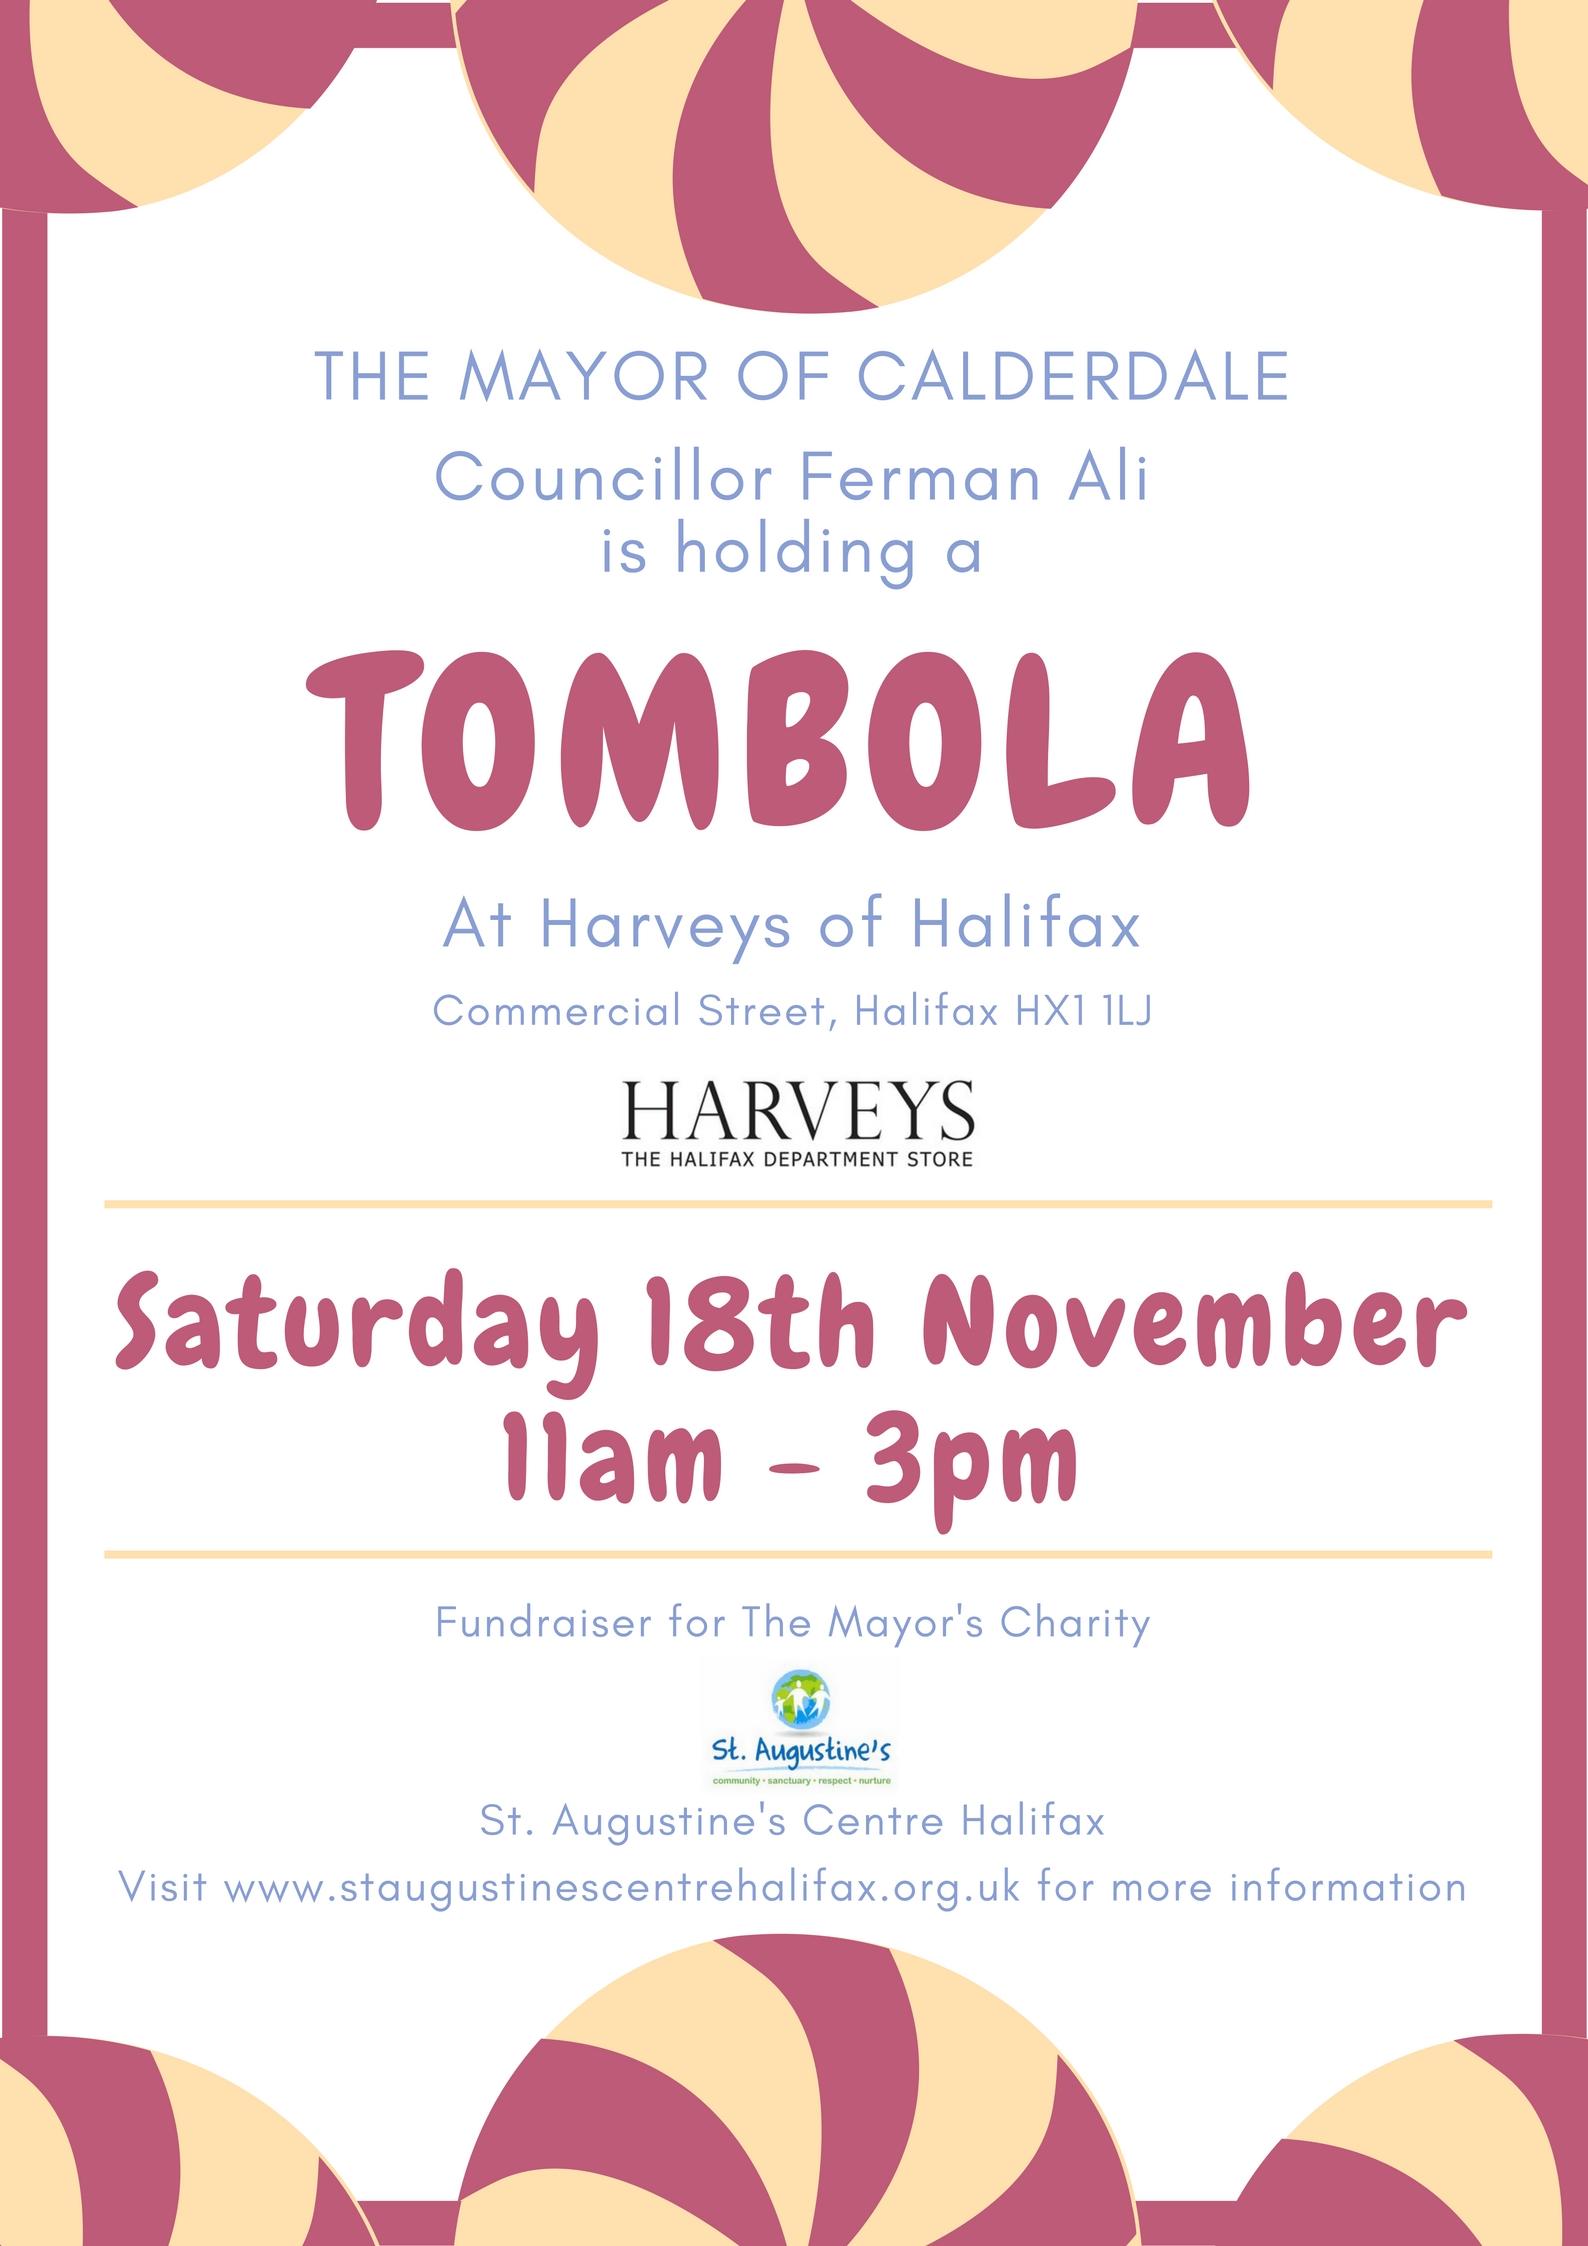 Tombola at Harveys of Halifax - Saturday 18th November ...  Tombola at Harv...